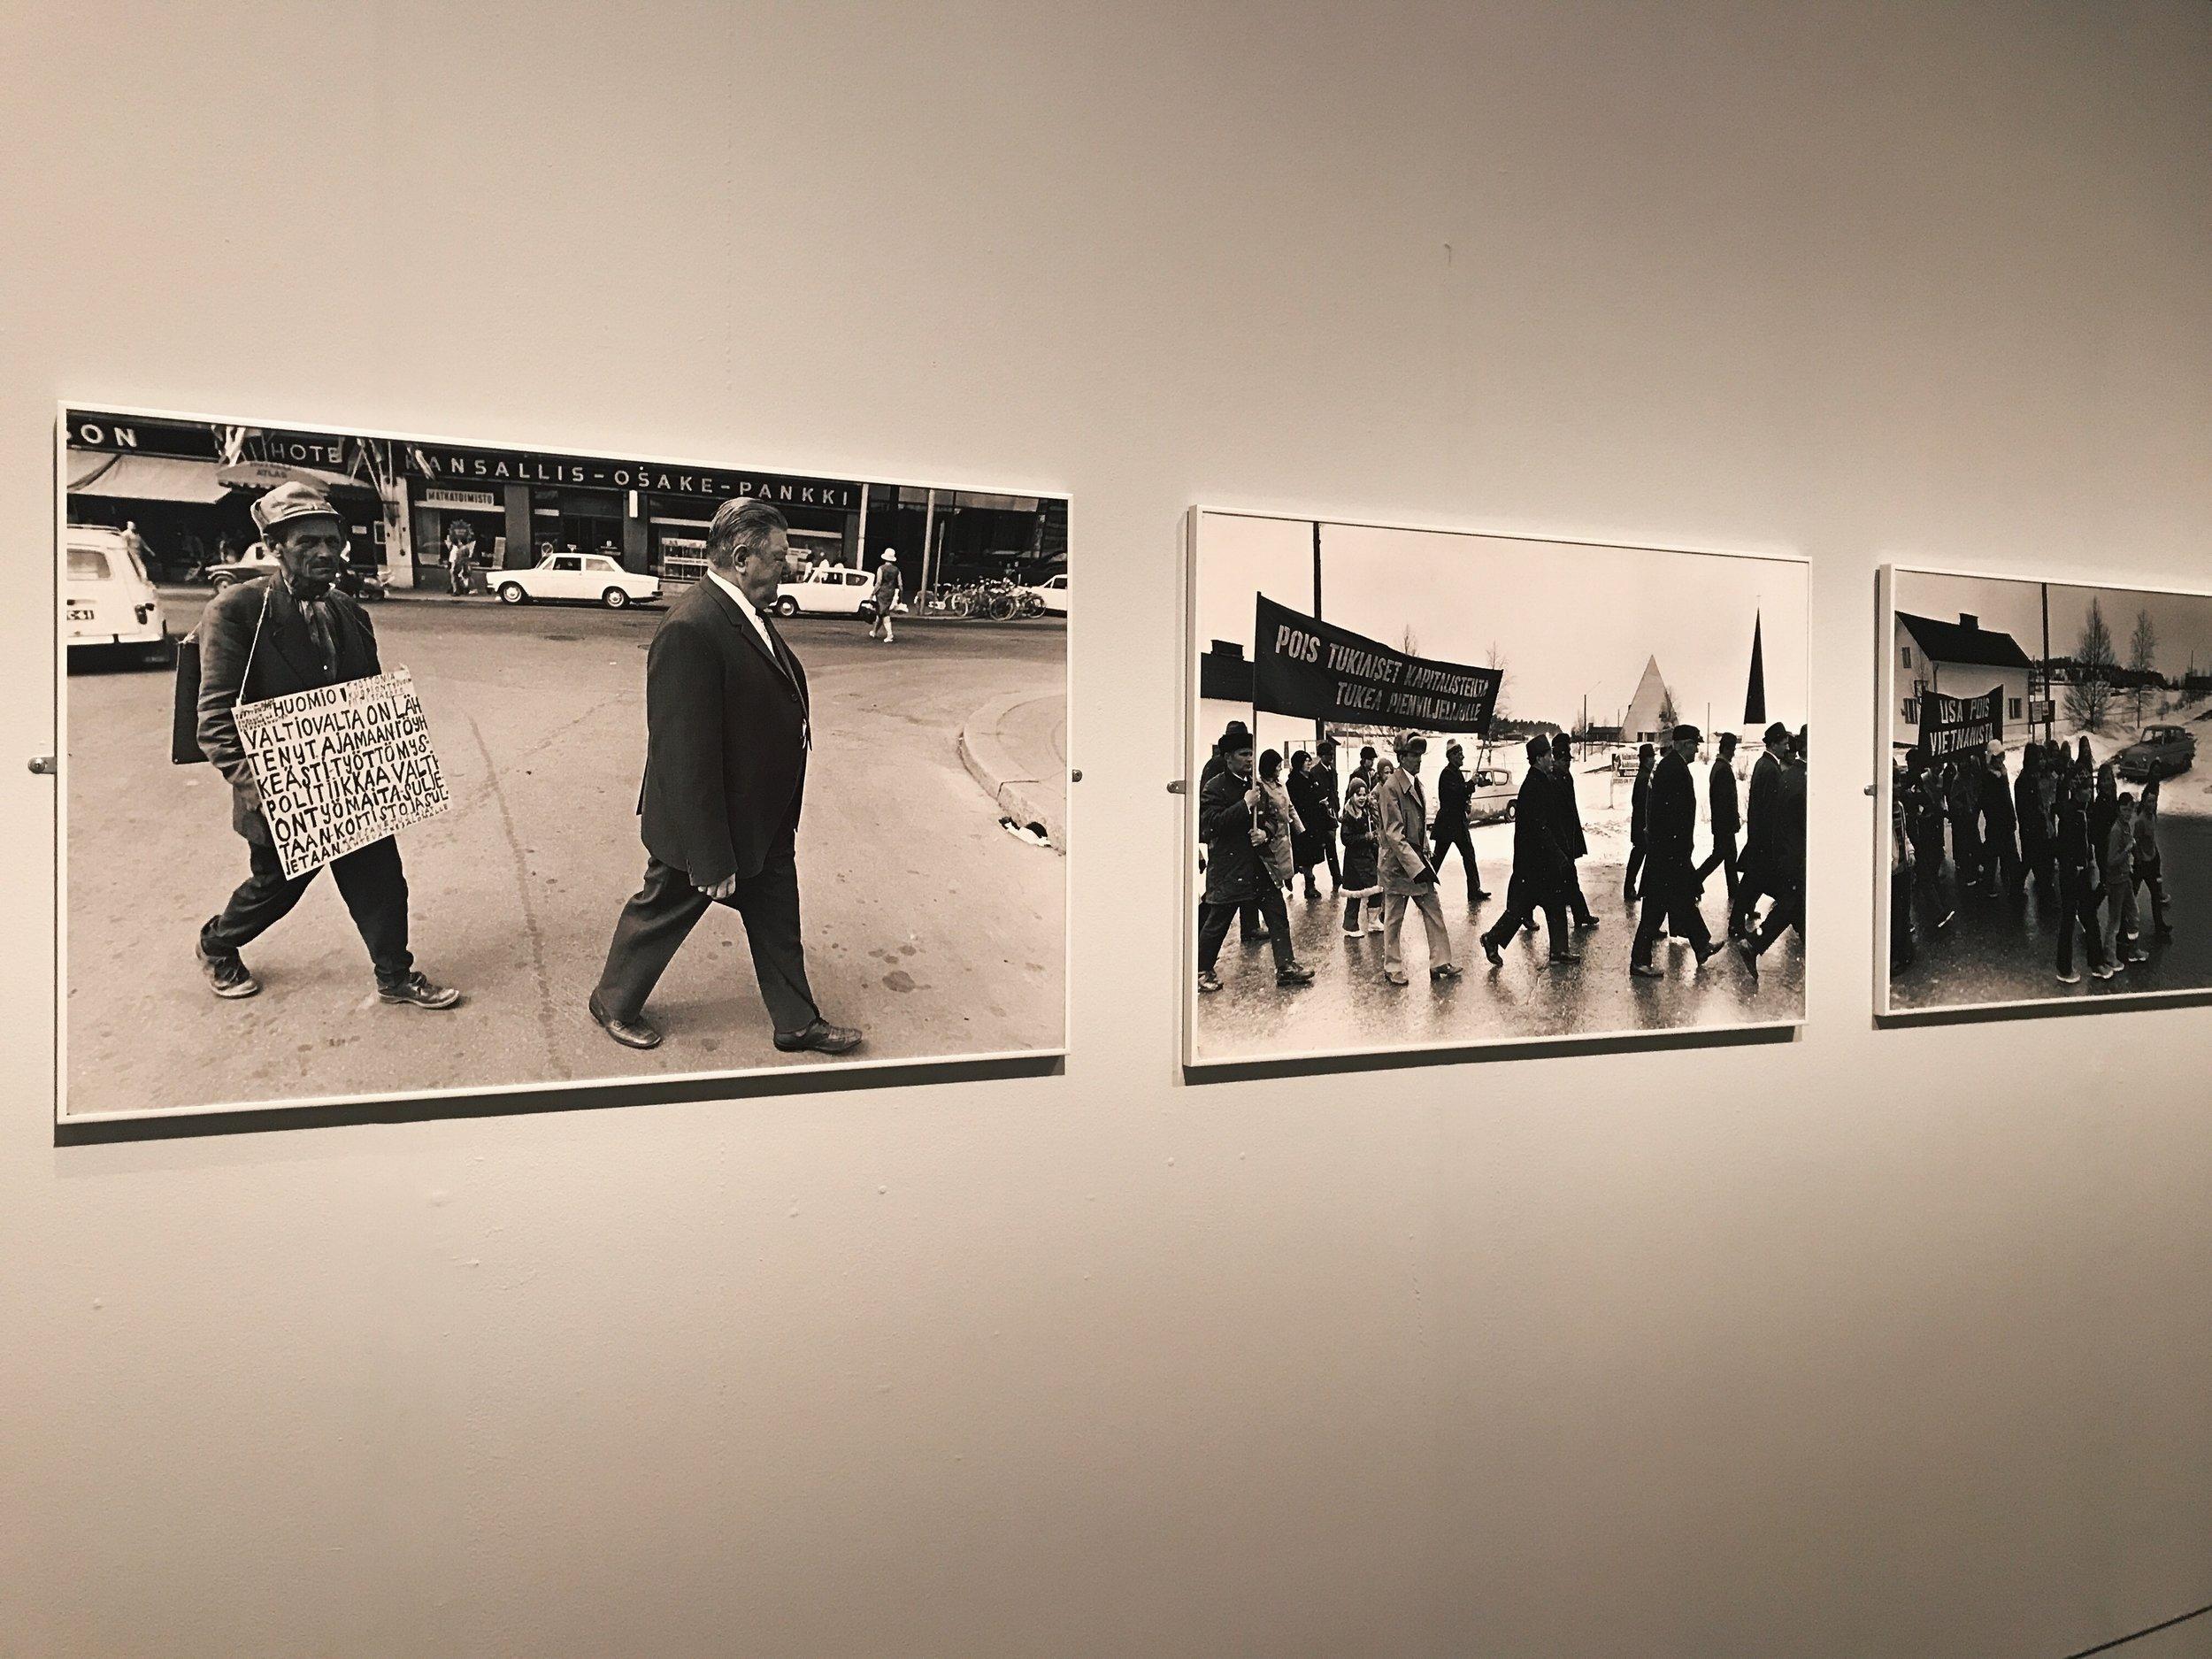 Kalervo Ojutkankaan valokuvat osoittavat, että 1970-luvulla Suomessa marssittiin esimerkksi kapitalismia vastaan. Seuraavalla seinällä Saana Wang tarkastelee puolestaan nykyhetkeä ja suomalaisen yhteiskunnan tulevaisuutta muun muassa Rajat kiinni -mielenosoituksen kautta.